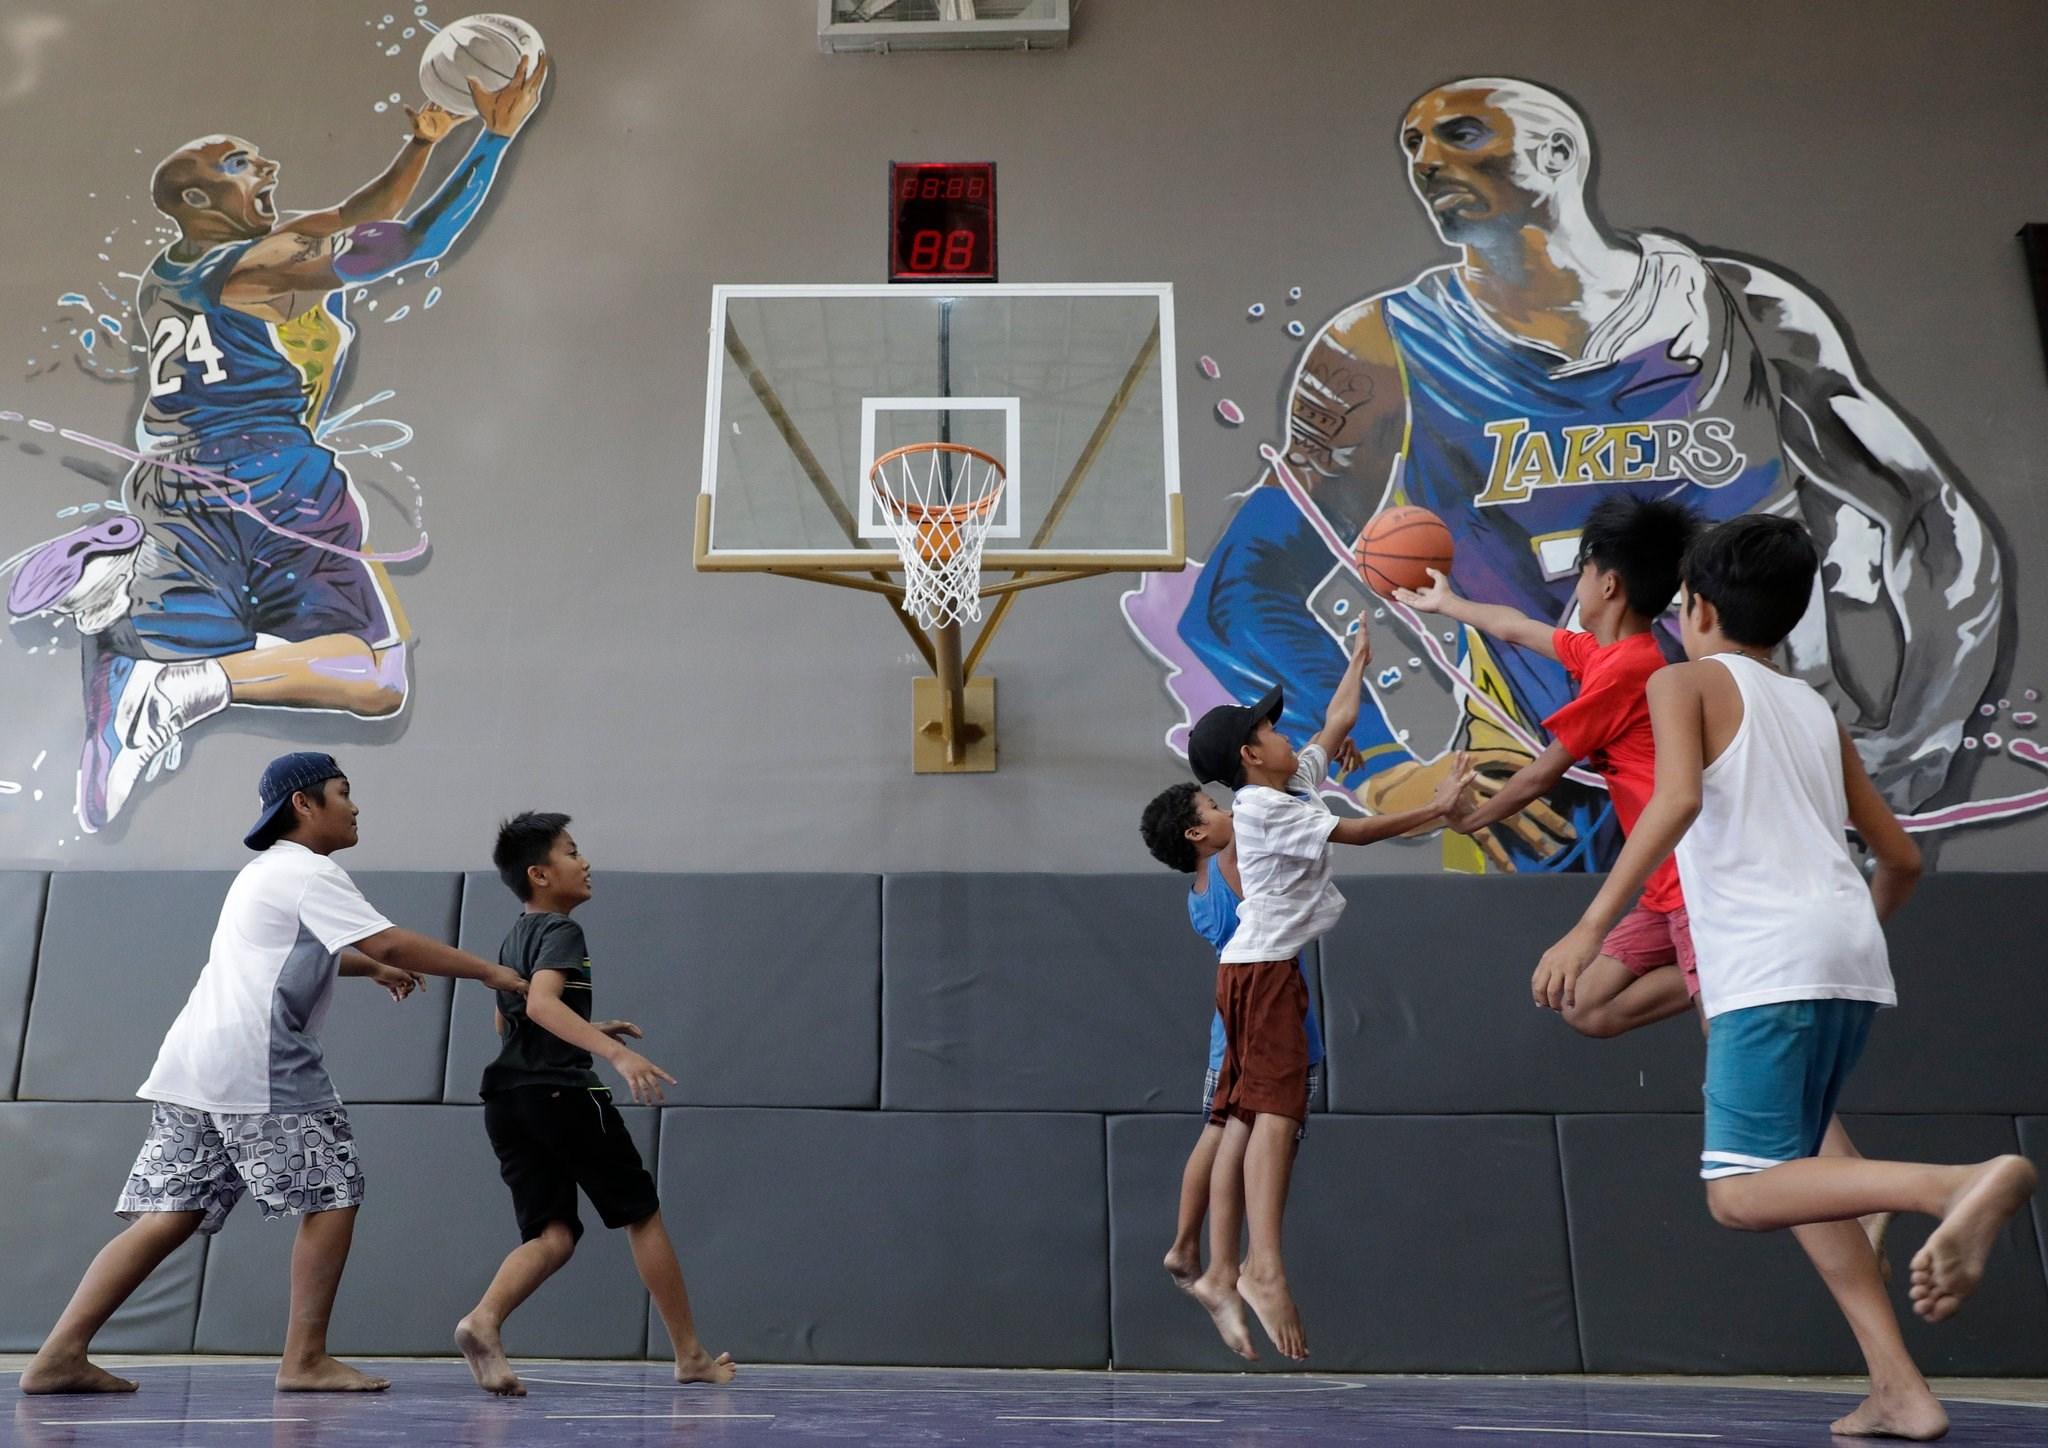 كرة السلة من دونه كبئر جفّ فيها الماء.. وداعاً كوبي براينت